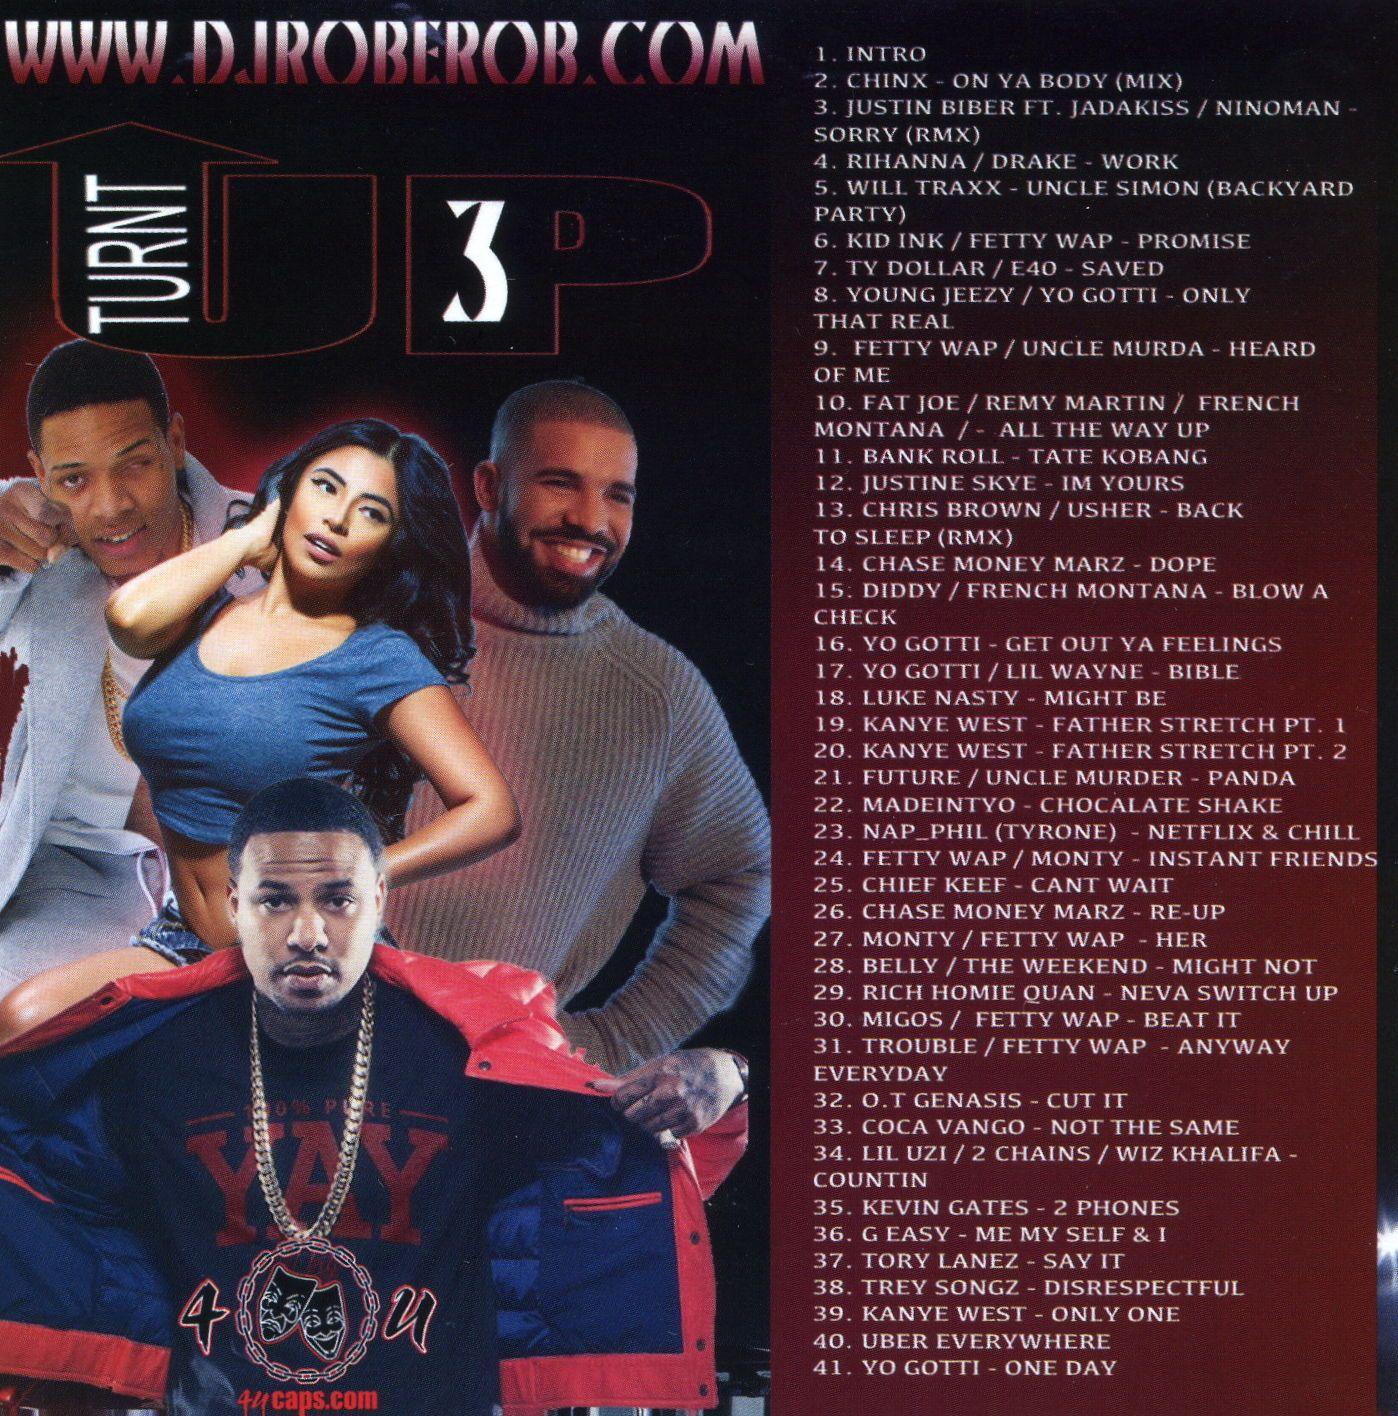 $6 25 - Dj Rob E Rob The Turn Up Pt 3 Hip Hop R&B Blends Non Stop